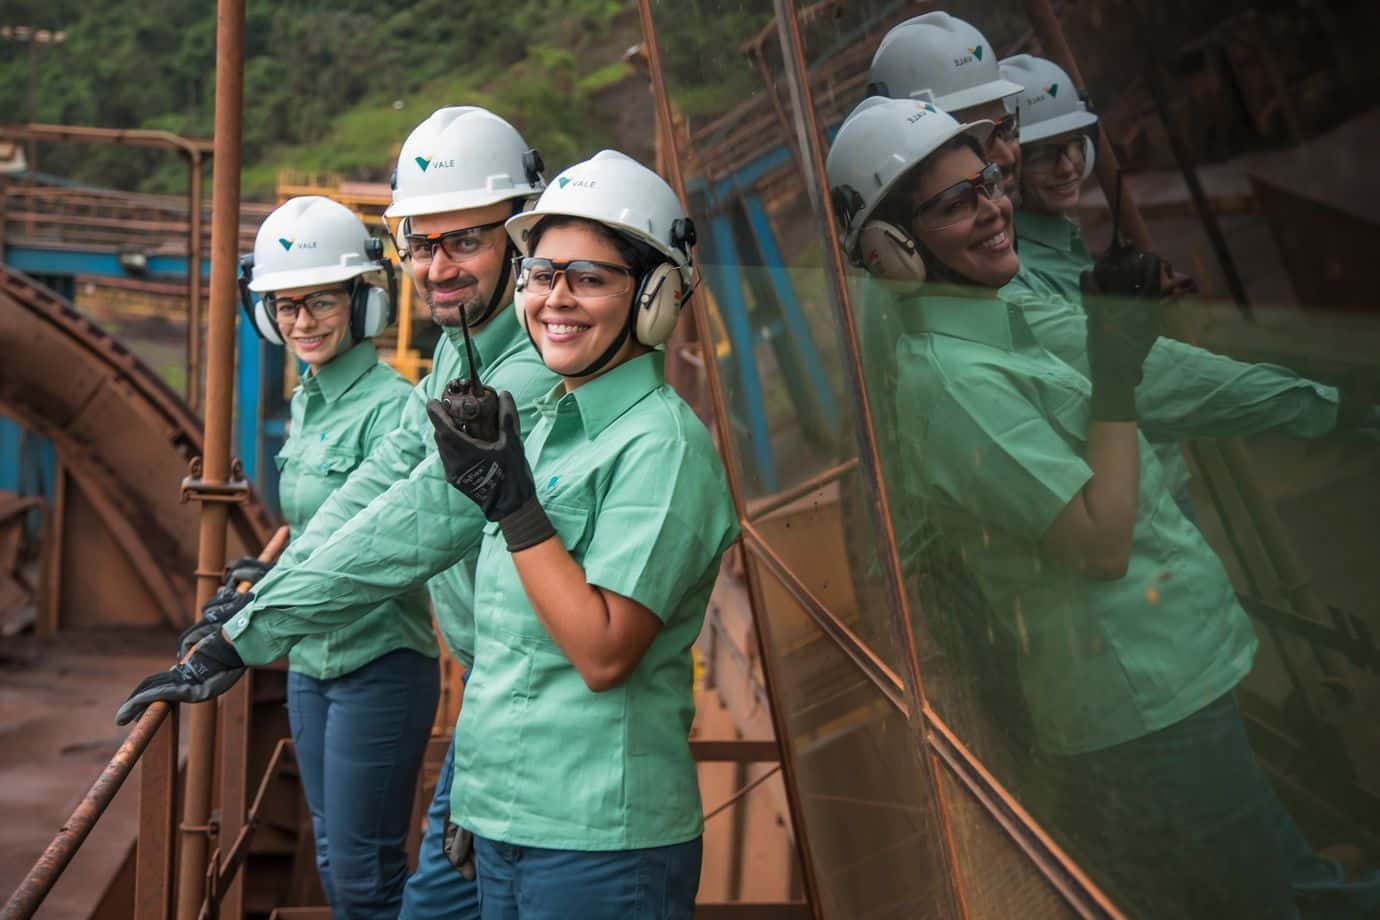 Vagas de empego, mineradora, Minas Gerais, Pará